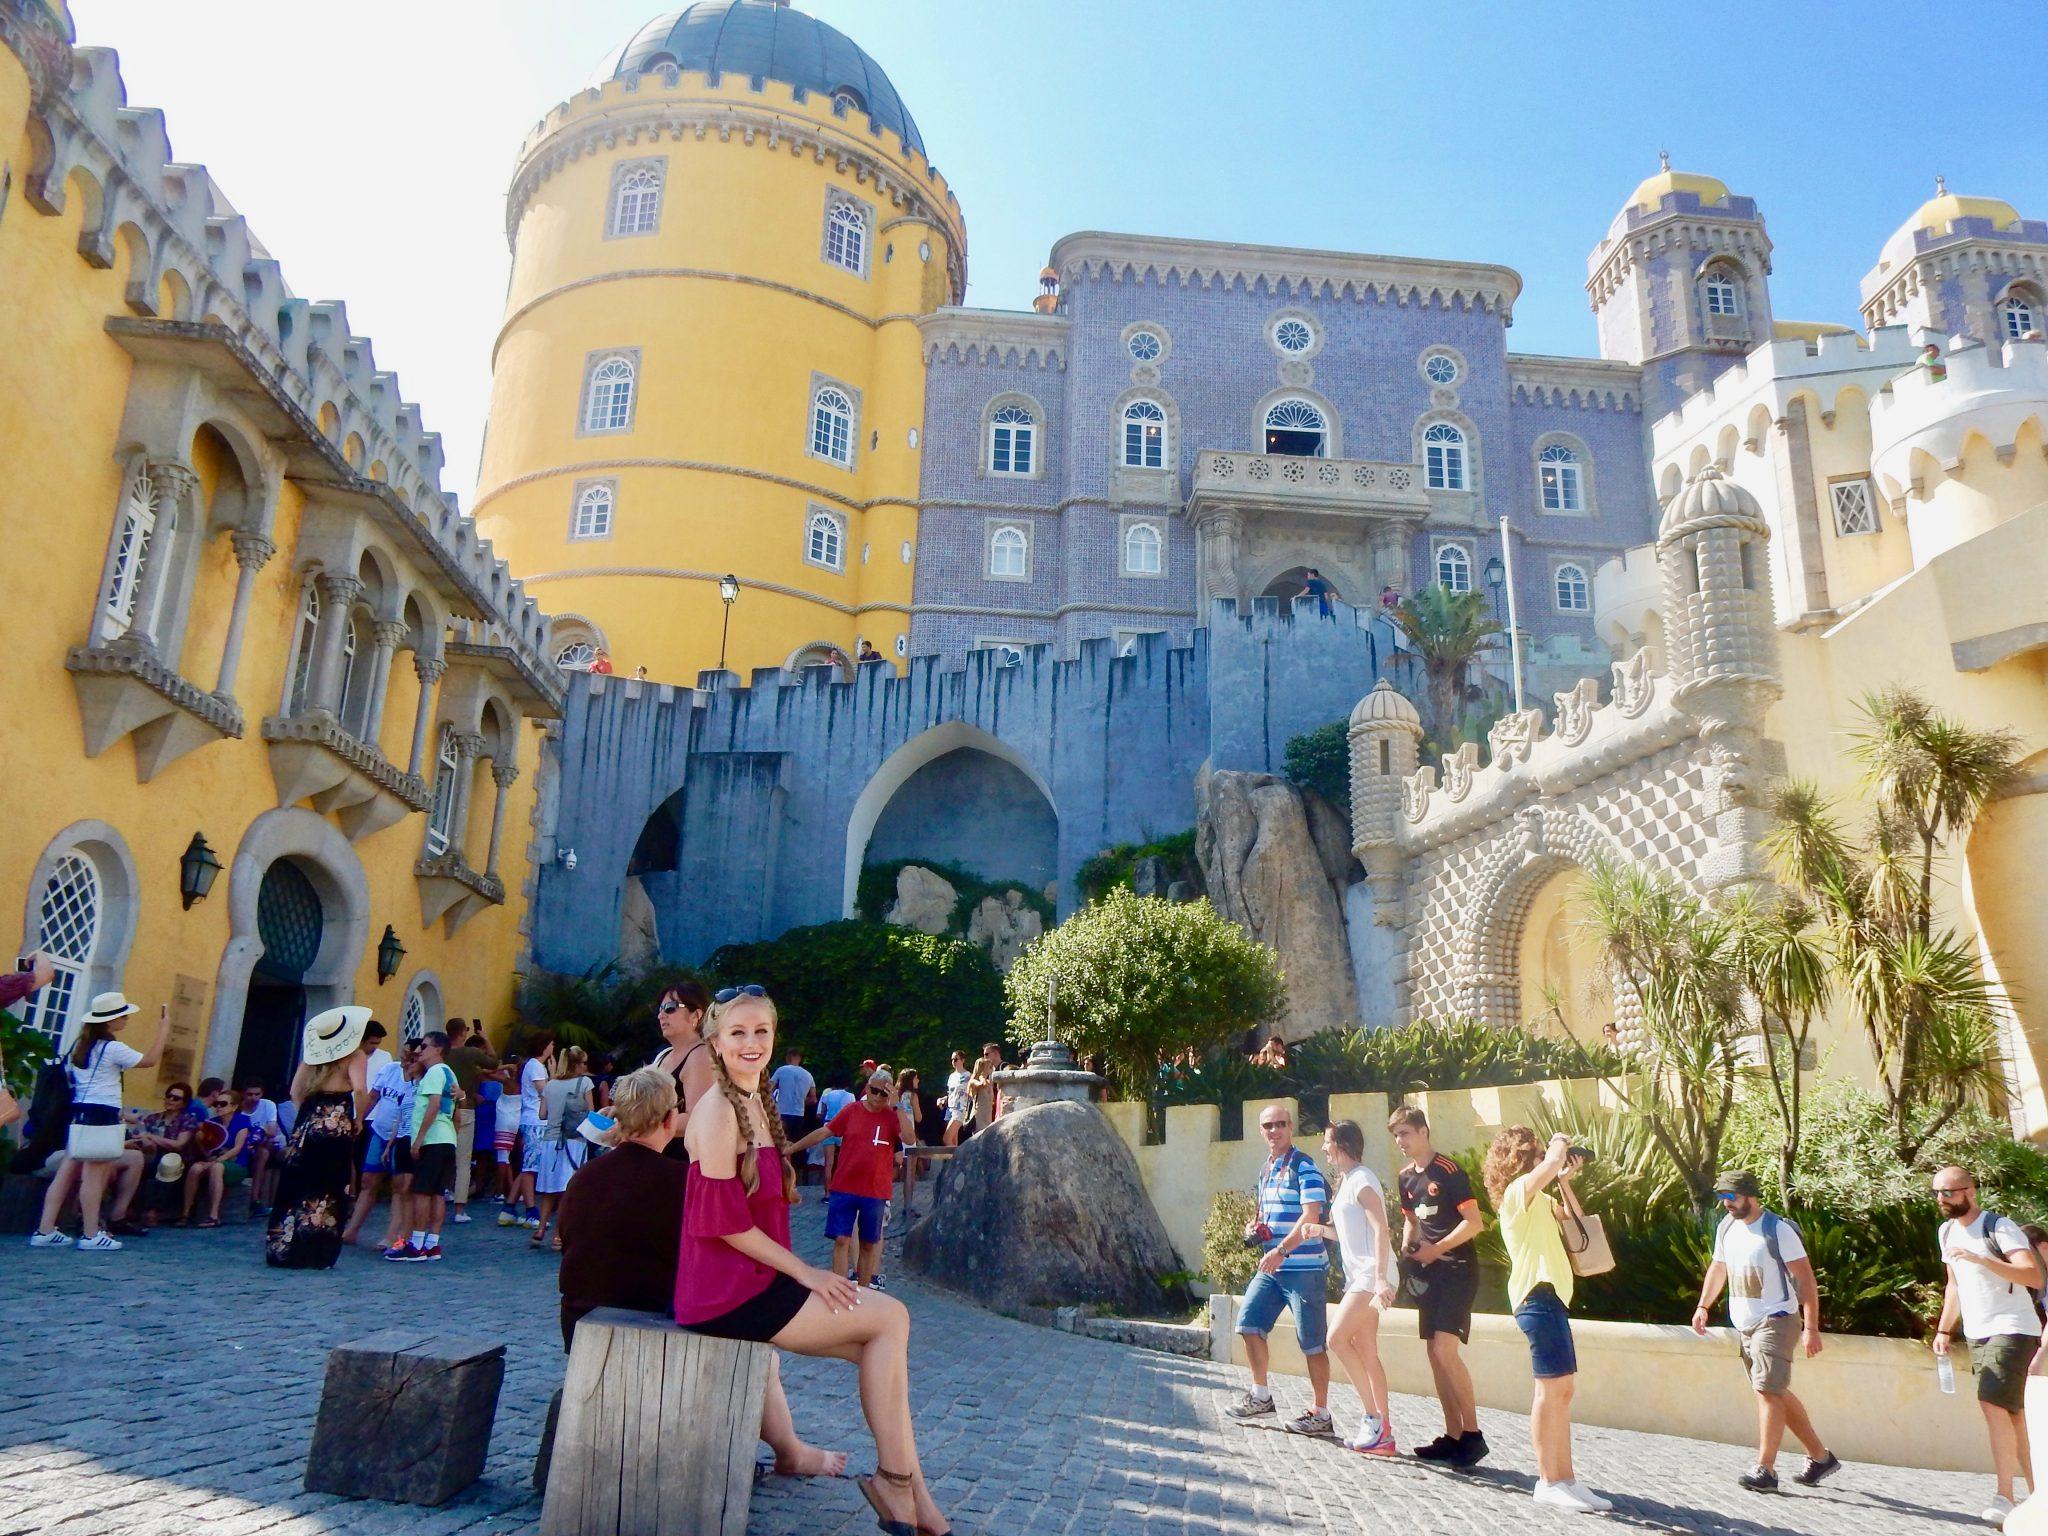 Sintra: Palácio da Pena (UNESCO Weltkulturerbe)